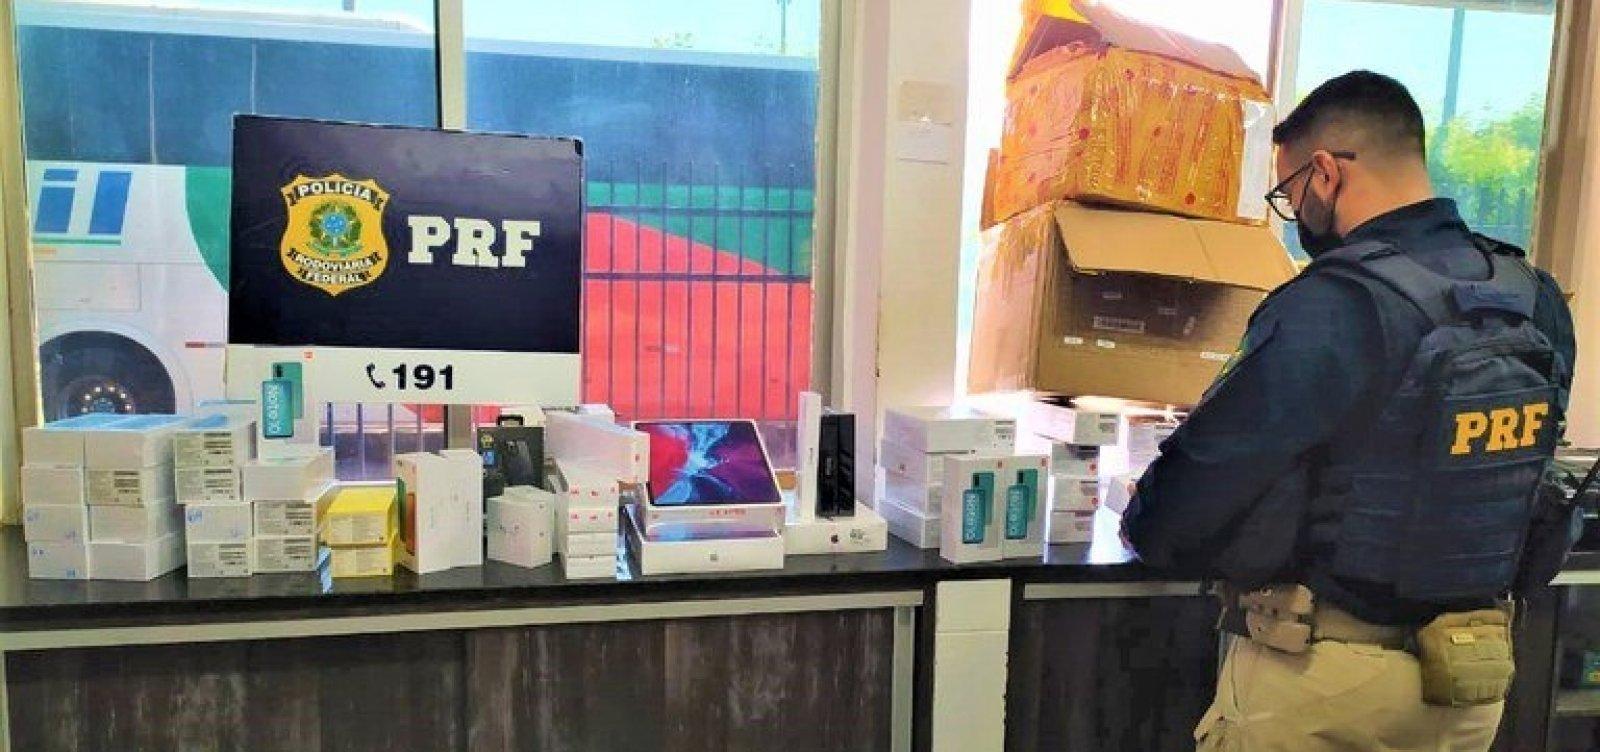 PRF apreende carga de eletrônicos sem nota fiscal avaliada em R$ 150 mil